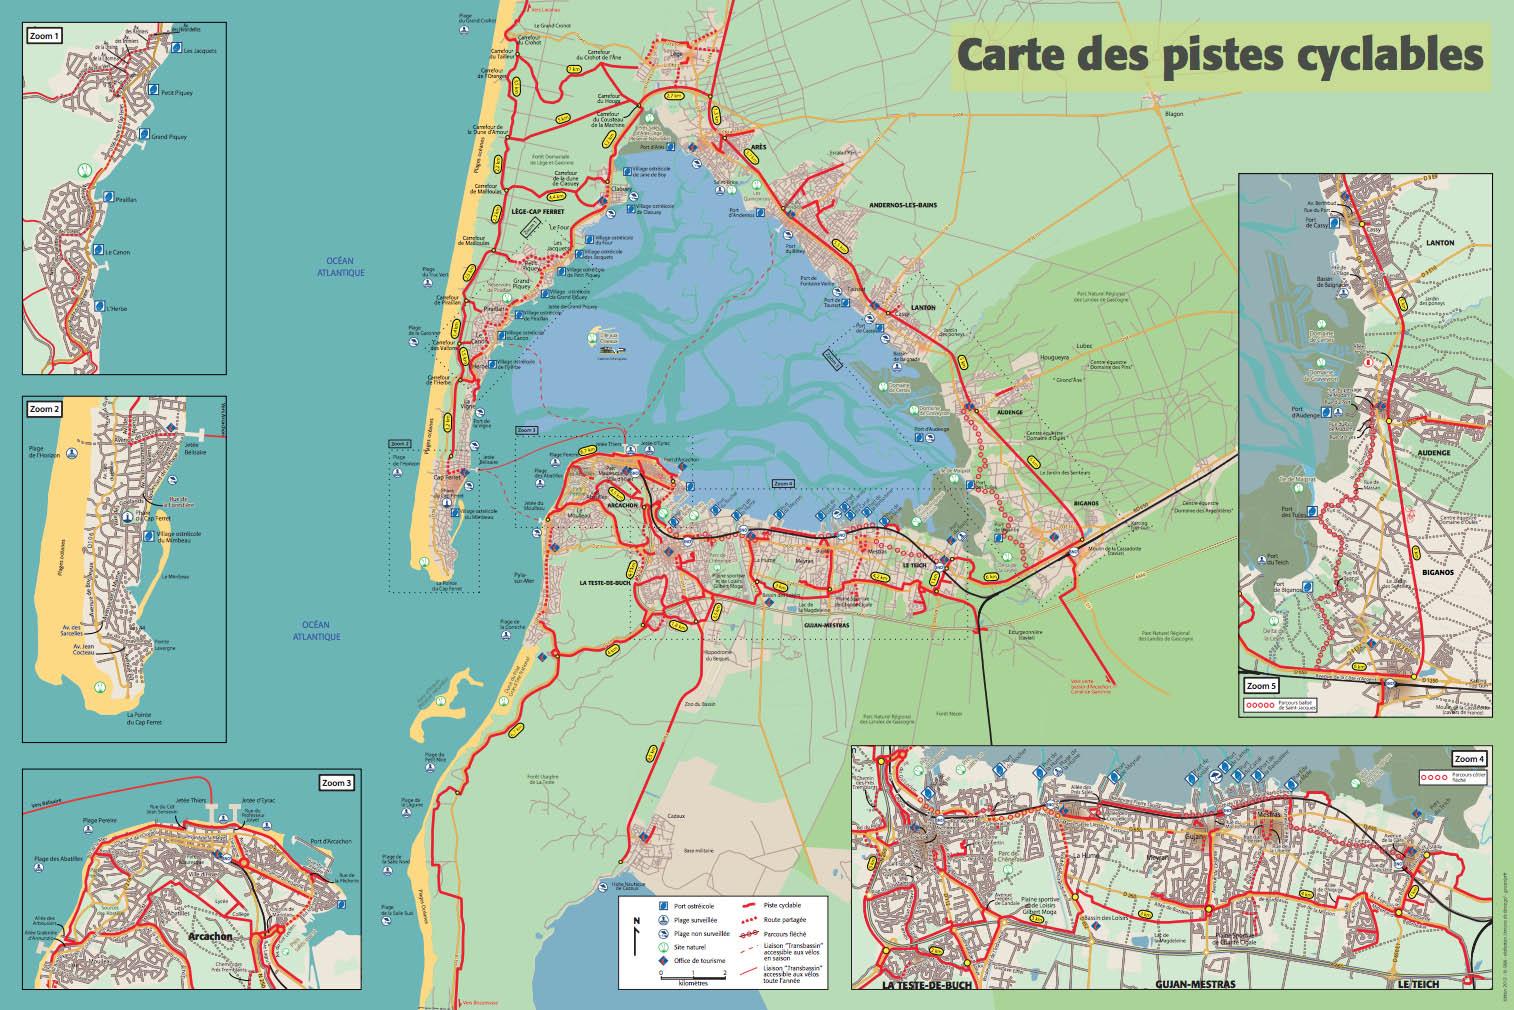 Plan des pistes cyclables du Cap Ferret